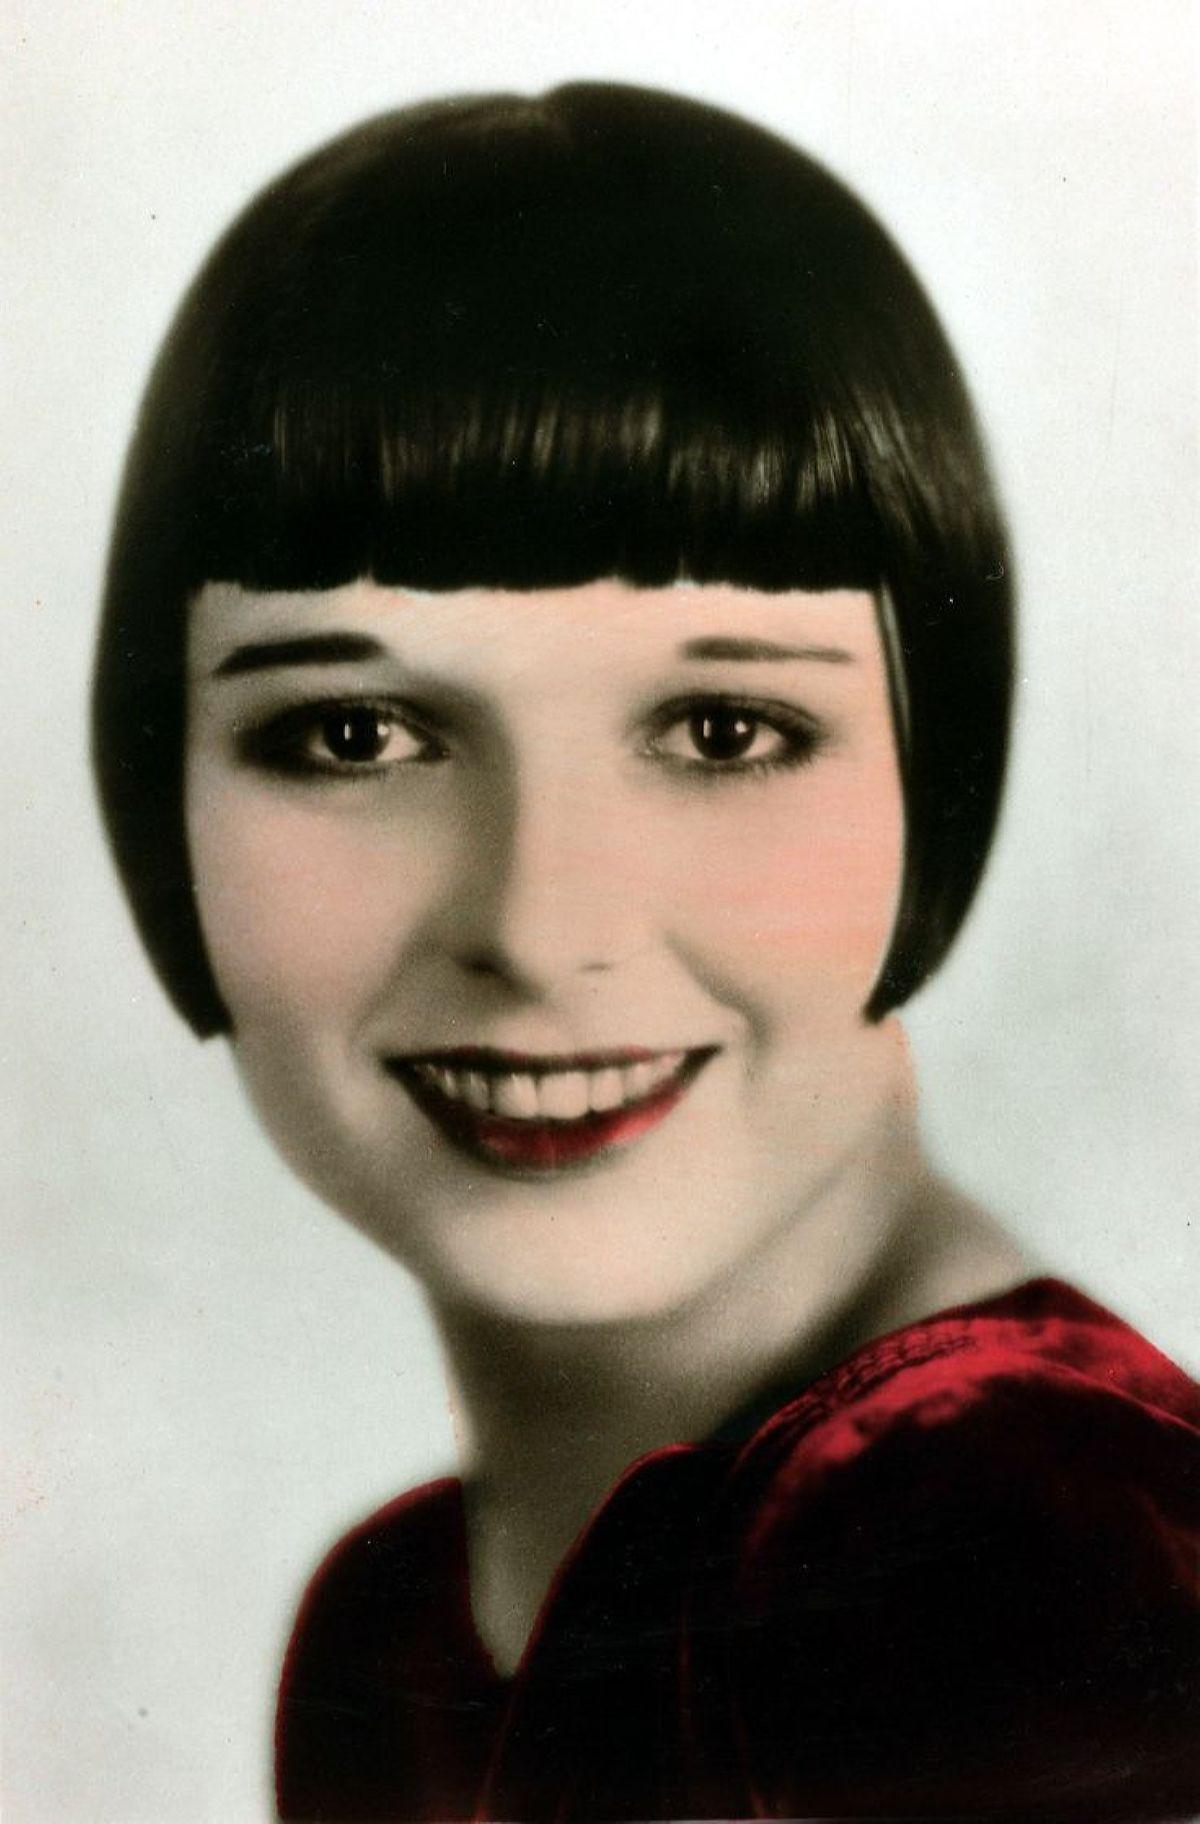 60Er Frisuren  Frisuren damen 60er – Moderne männliche und weibliche